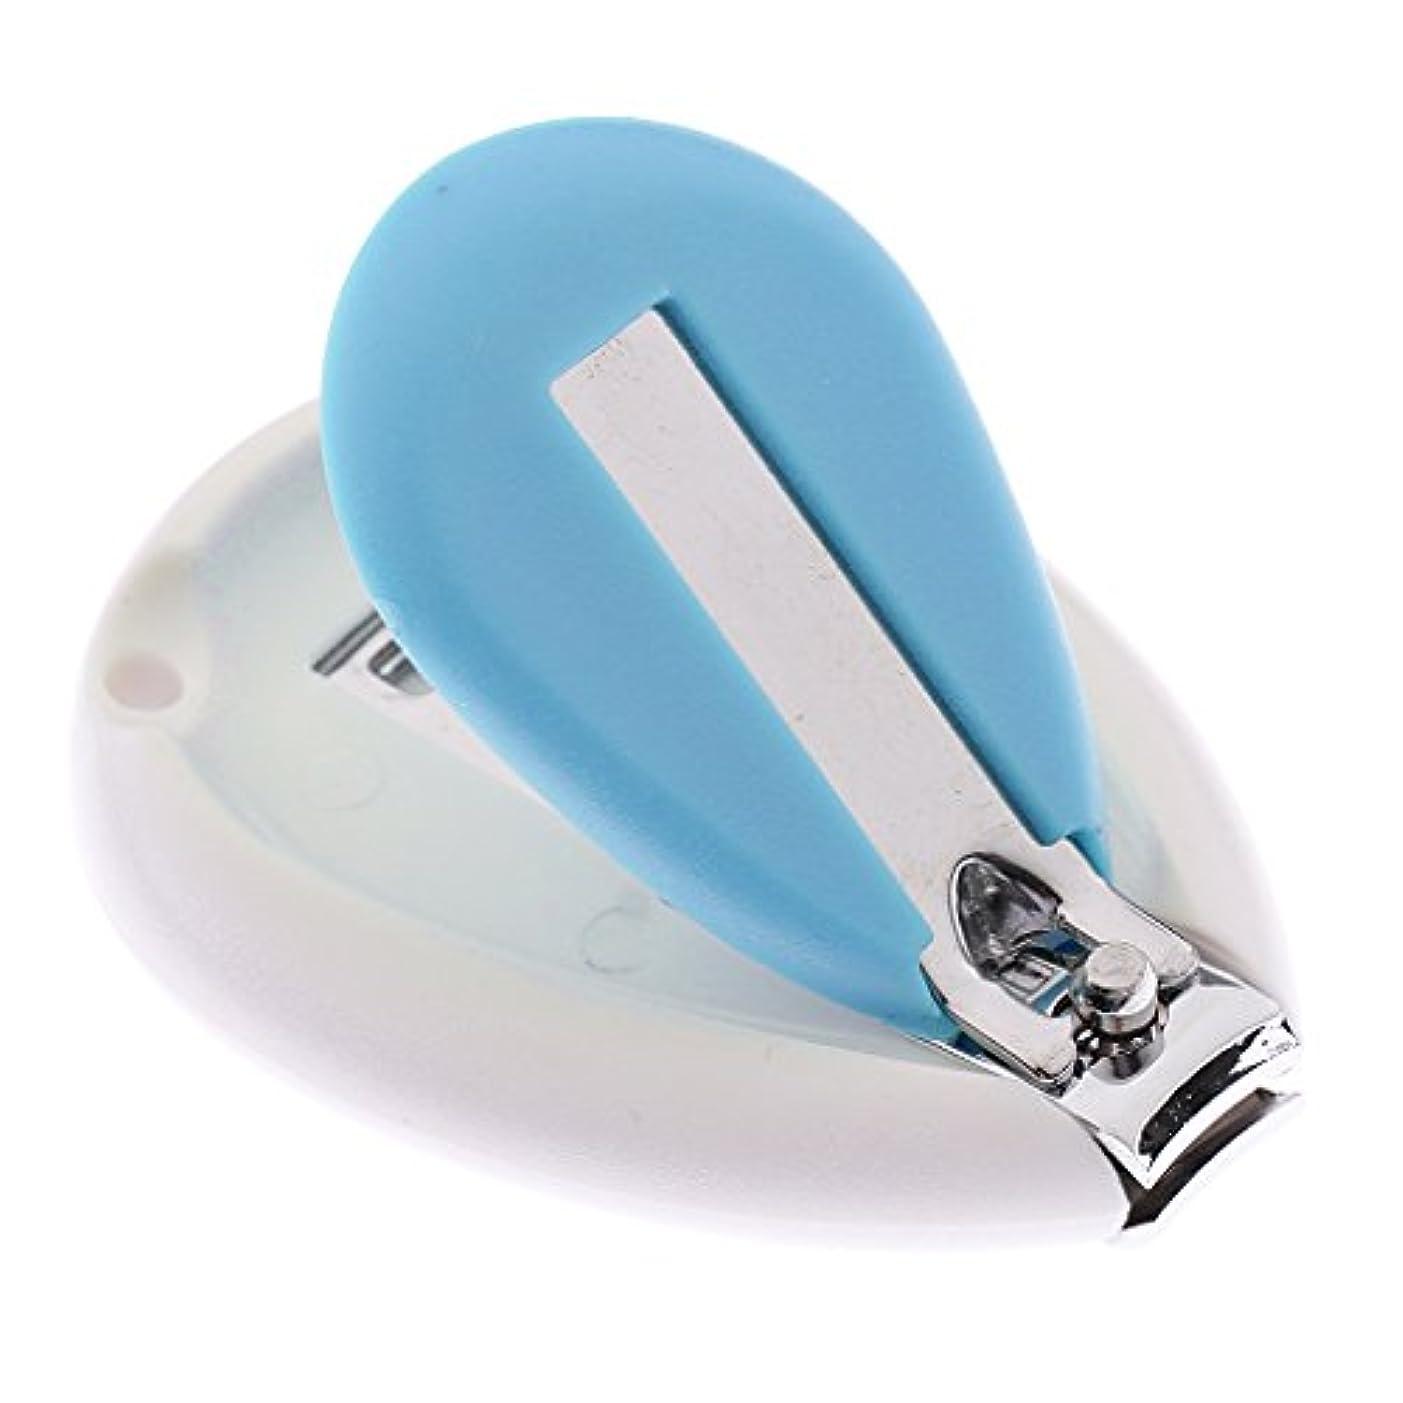 息苦しい料理をするスペシャリストGRALARA キッズ 赤ちゃん ネイル クリッパー はさみ トリマー カッター 安全 人間工学 全3色 - 青